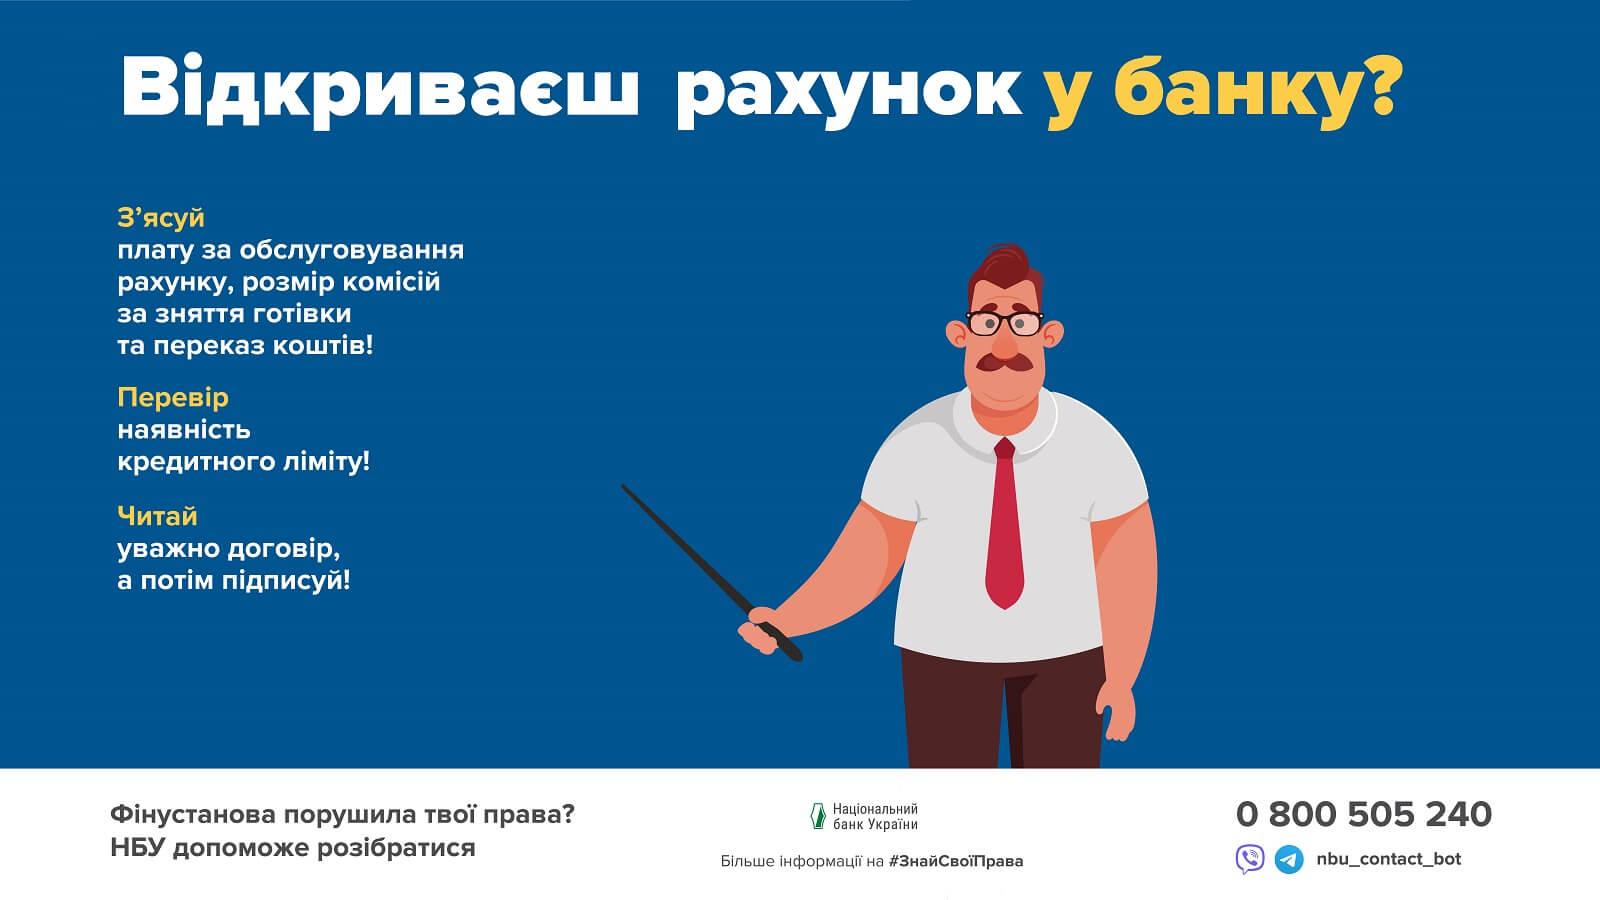 Відкриваєш рахунок у банку? - фото - mtb.ua